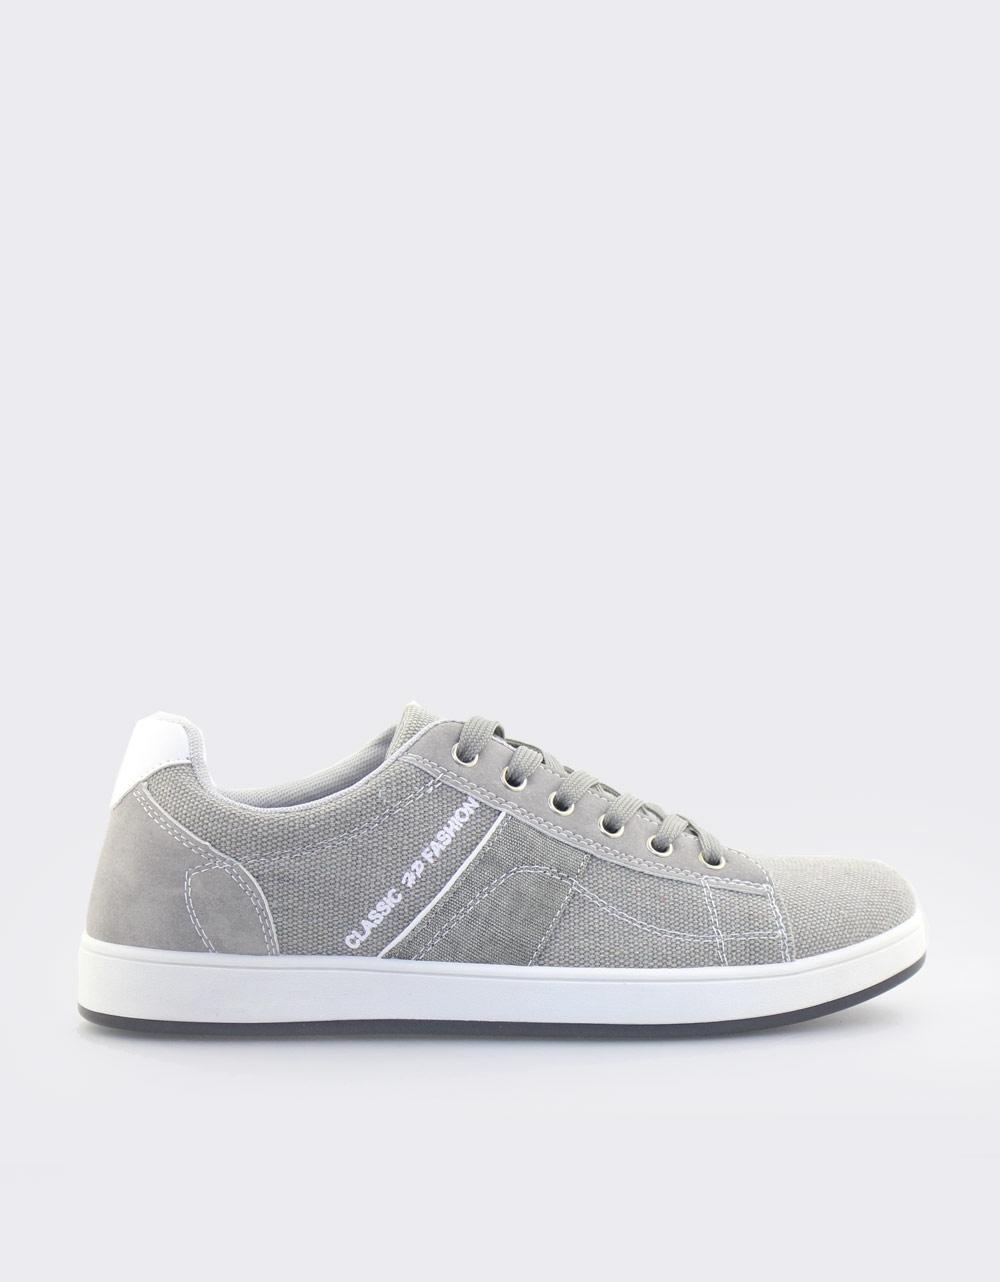 Εικόνα από Ανδρικά sneakers με διακοσμητικές ραφές Γκρι